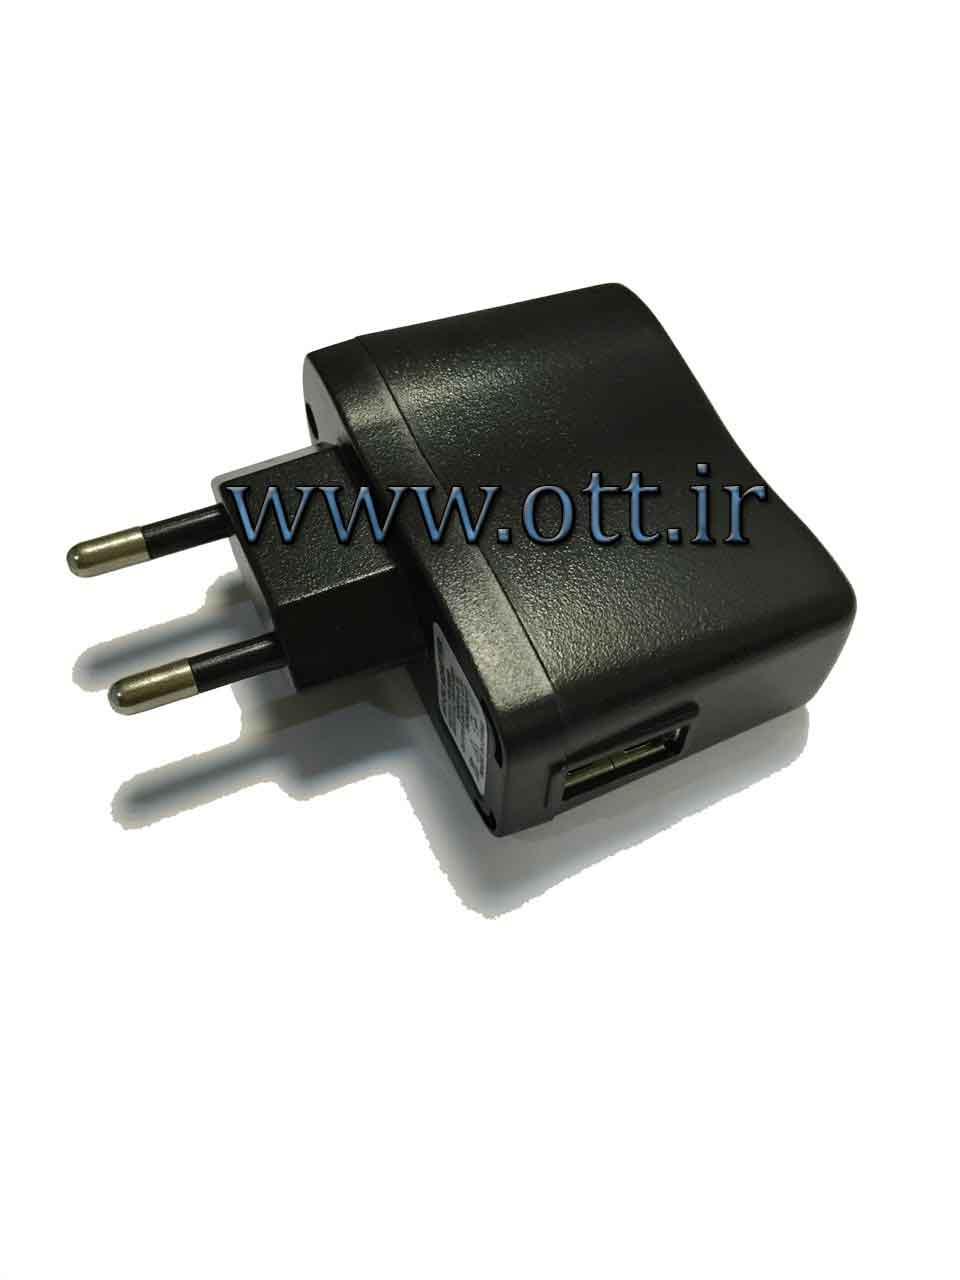 شارژر USB بیسیم واکی تاکی مجاز طنین TANIN TN2000 01 - بیسیم واکی تاکی مجاز طنین TANIN TN2000